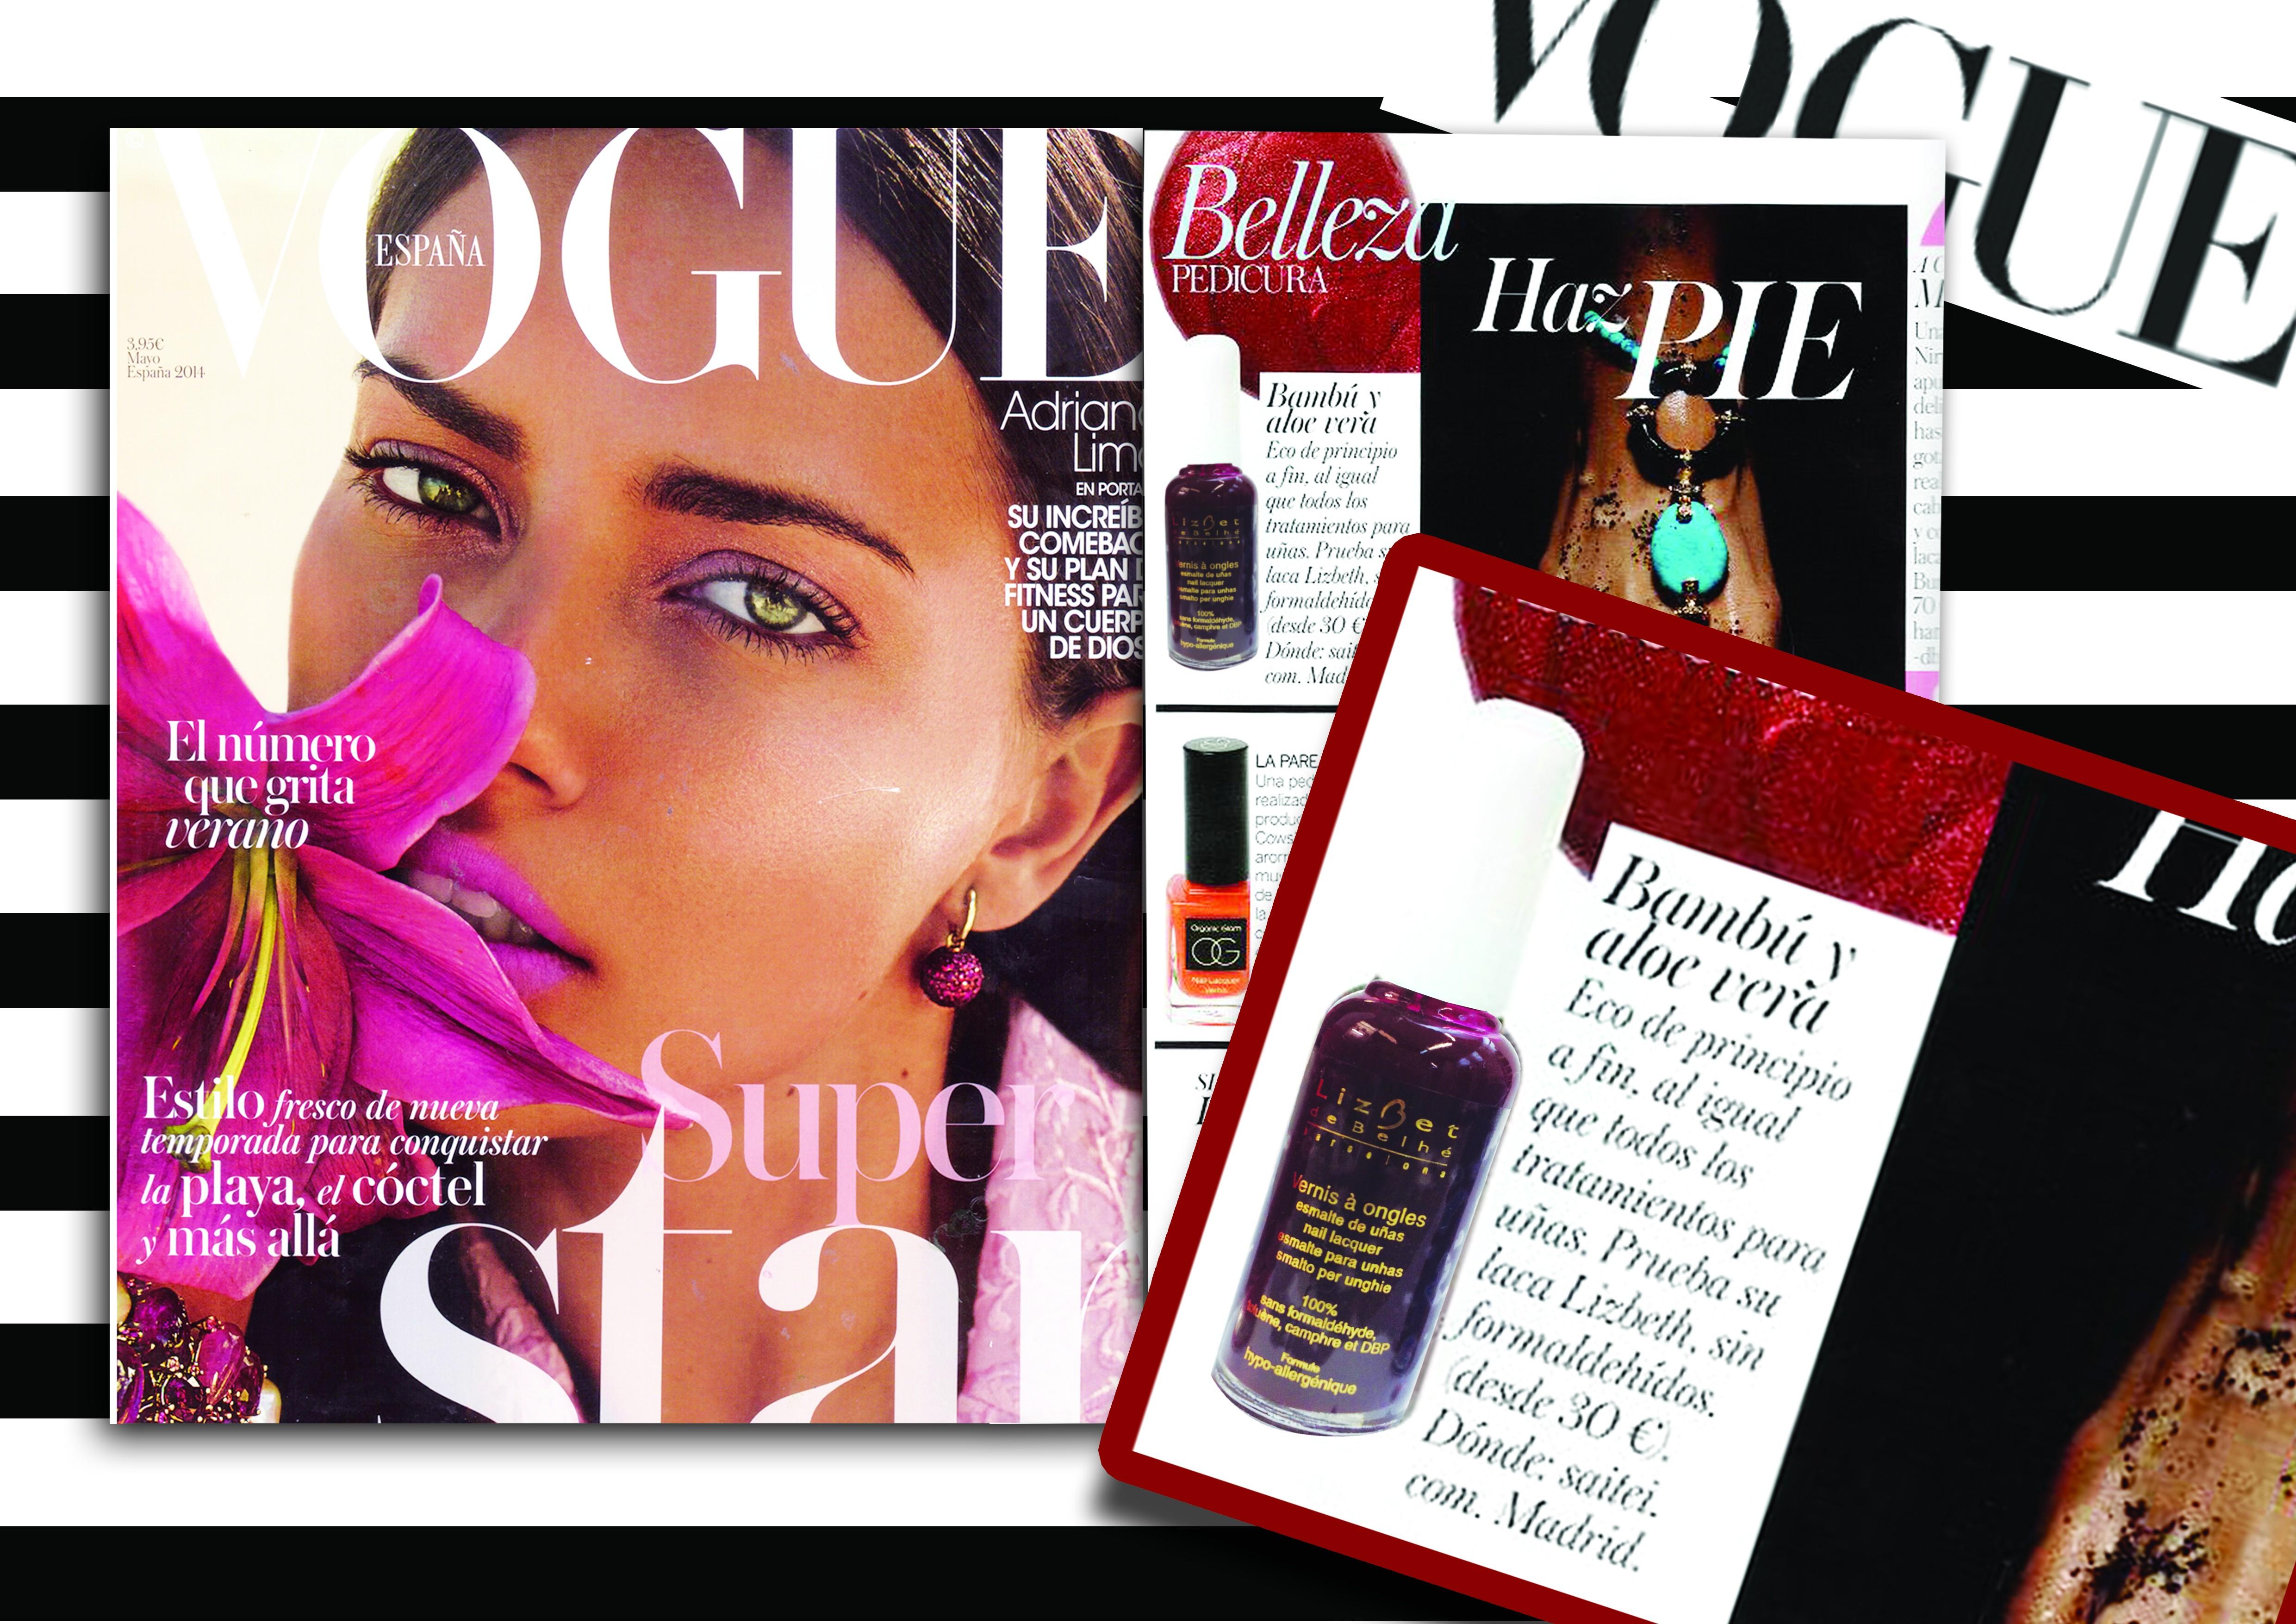 Publicación Vogue - Lizbet de Belhé - Esmalte hipoalergénico